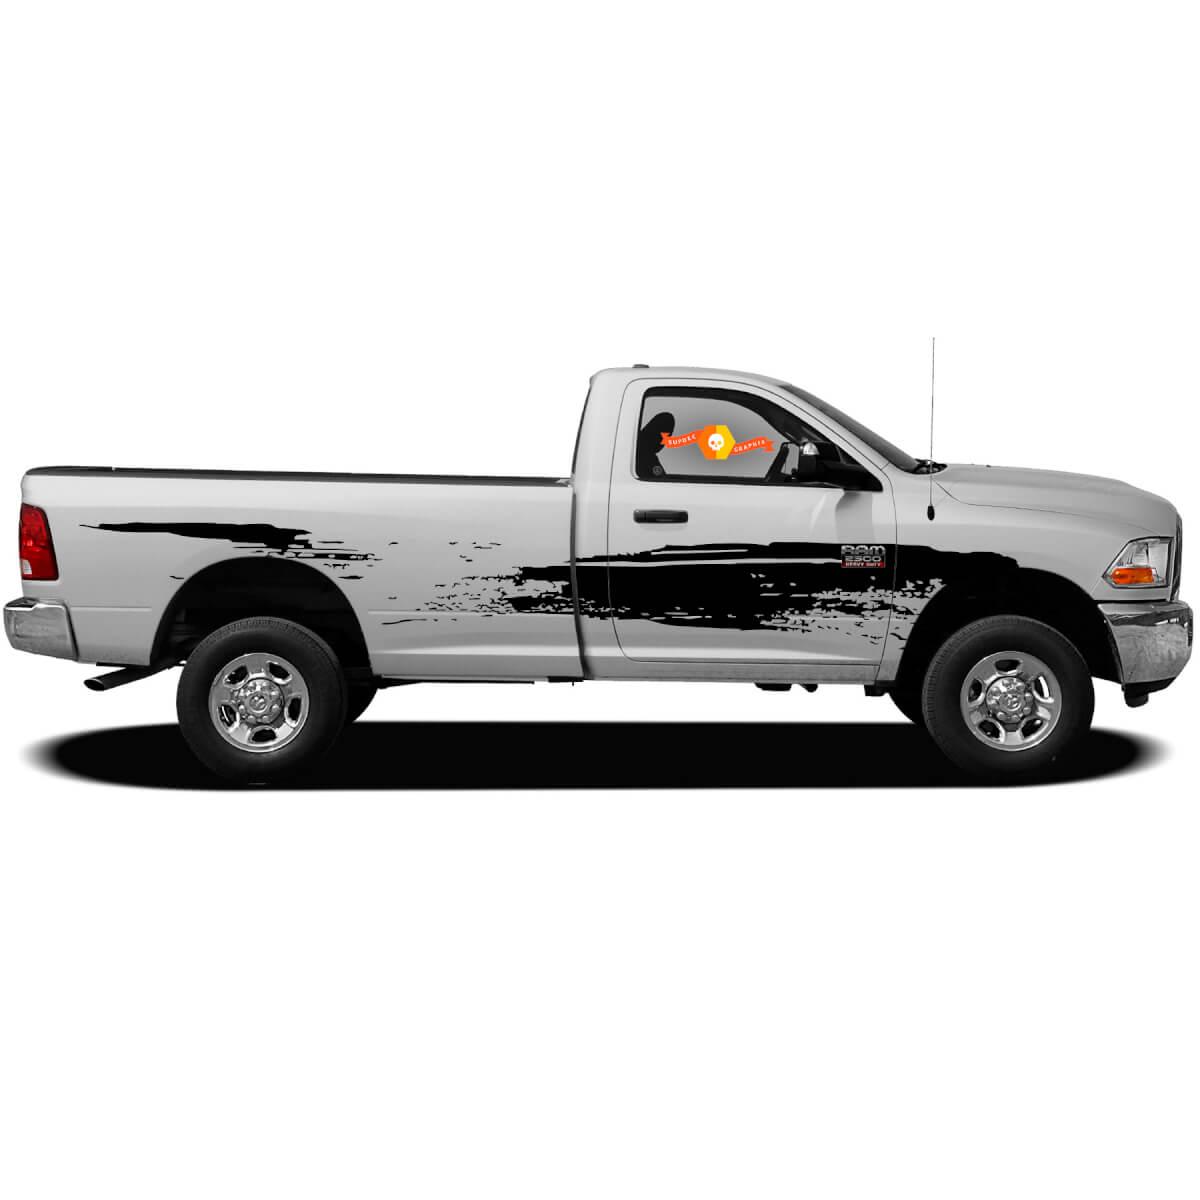 Splatter Marks Splash Mud Mudding Seitenbett Türen Pickup Van Fahrzeug Distressed Grunge Truck Auto Vinyl Grafik Aufkleber Aufkleber Nacht f-150 Tundra Widder